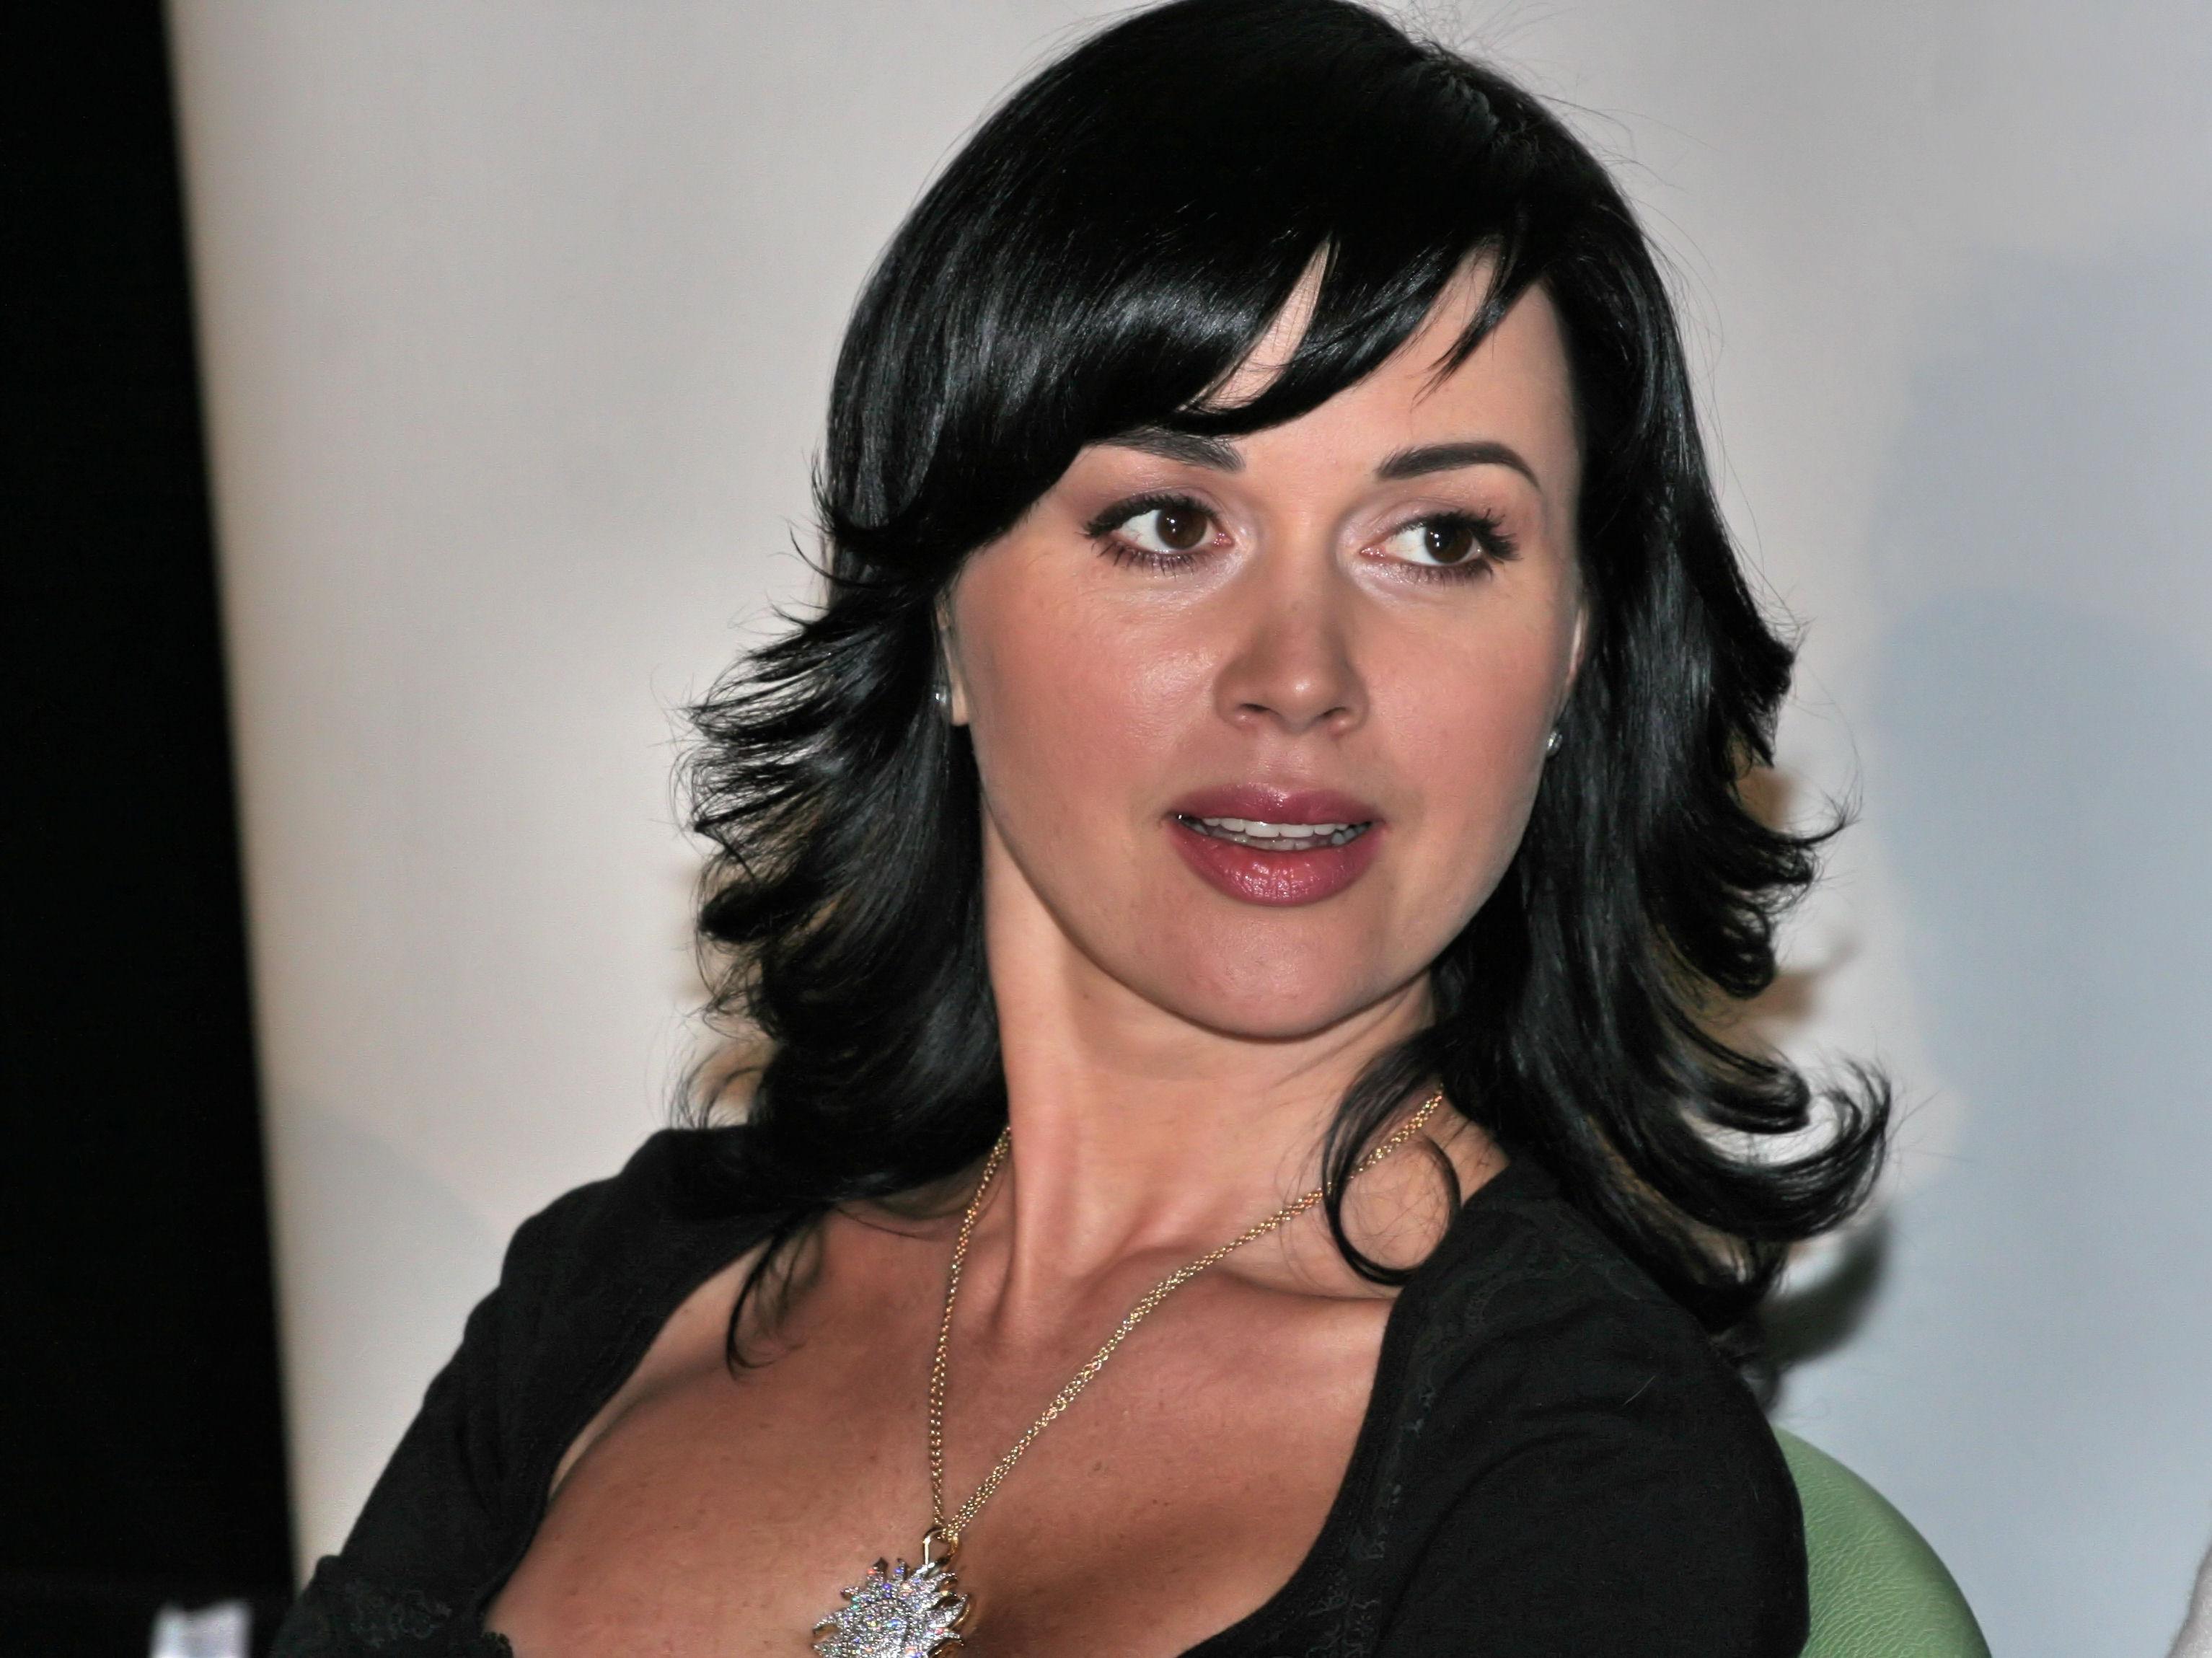 Анастасия заворотнюк родилась 29 фотография